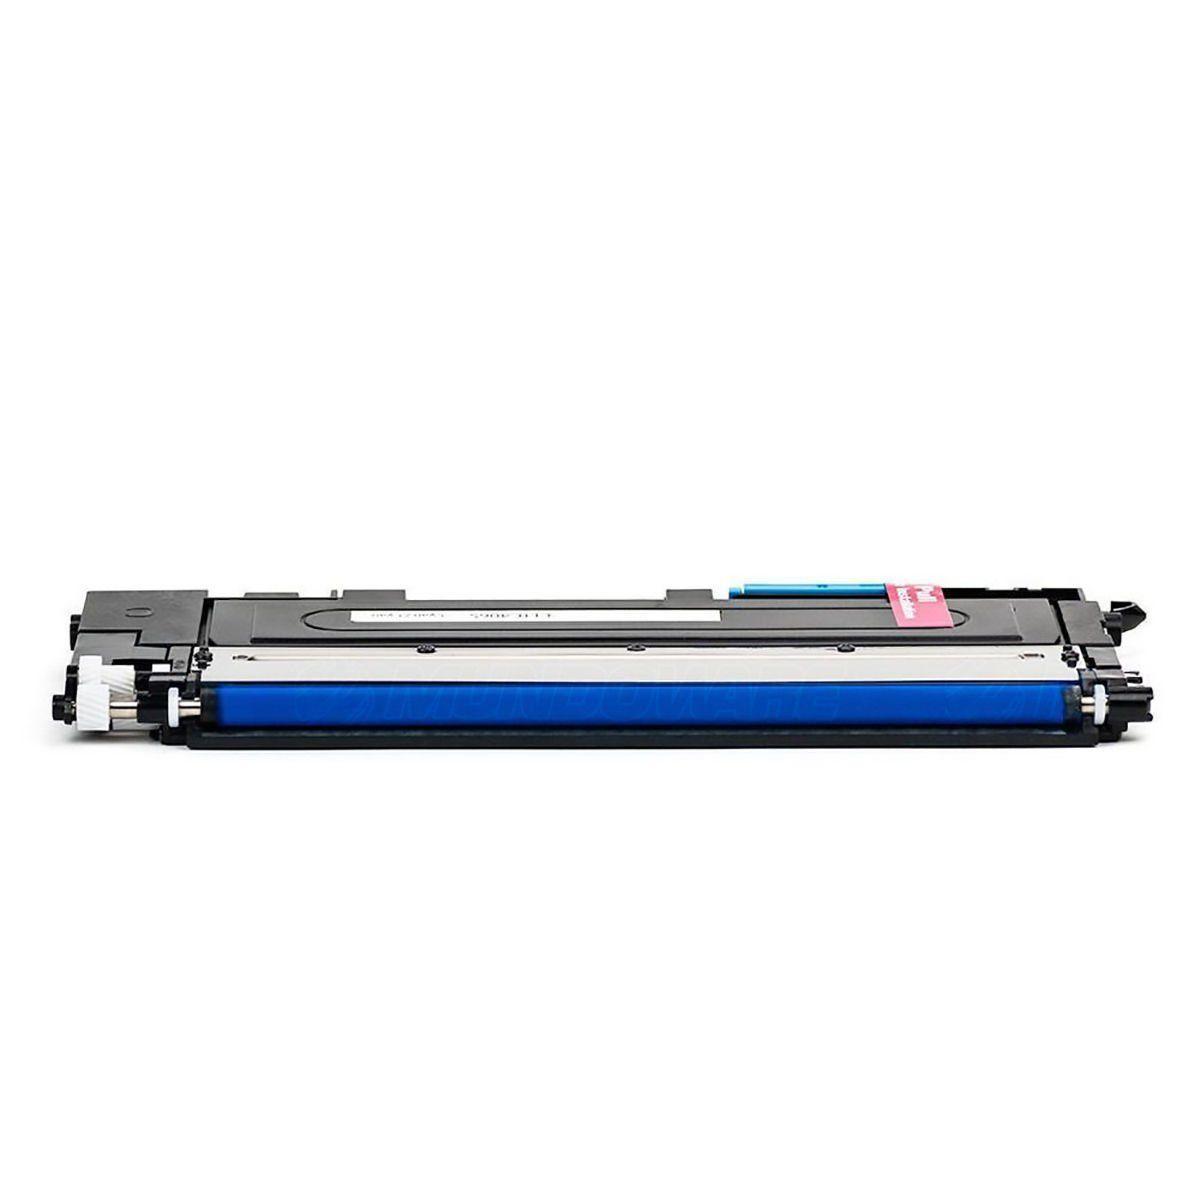 Compatível: Toner CLT-C404 404S para impressora Samsung SL-C430 C430w C480 C480w C480fn C480fw / Ciano / 1.000